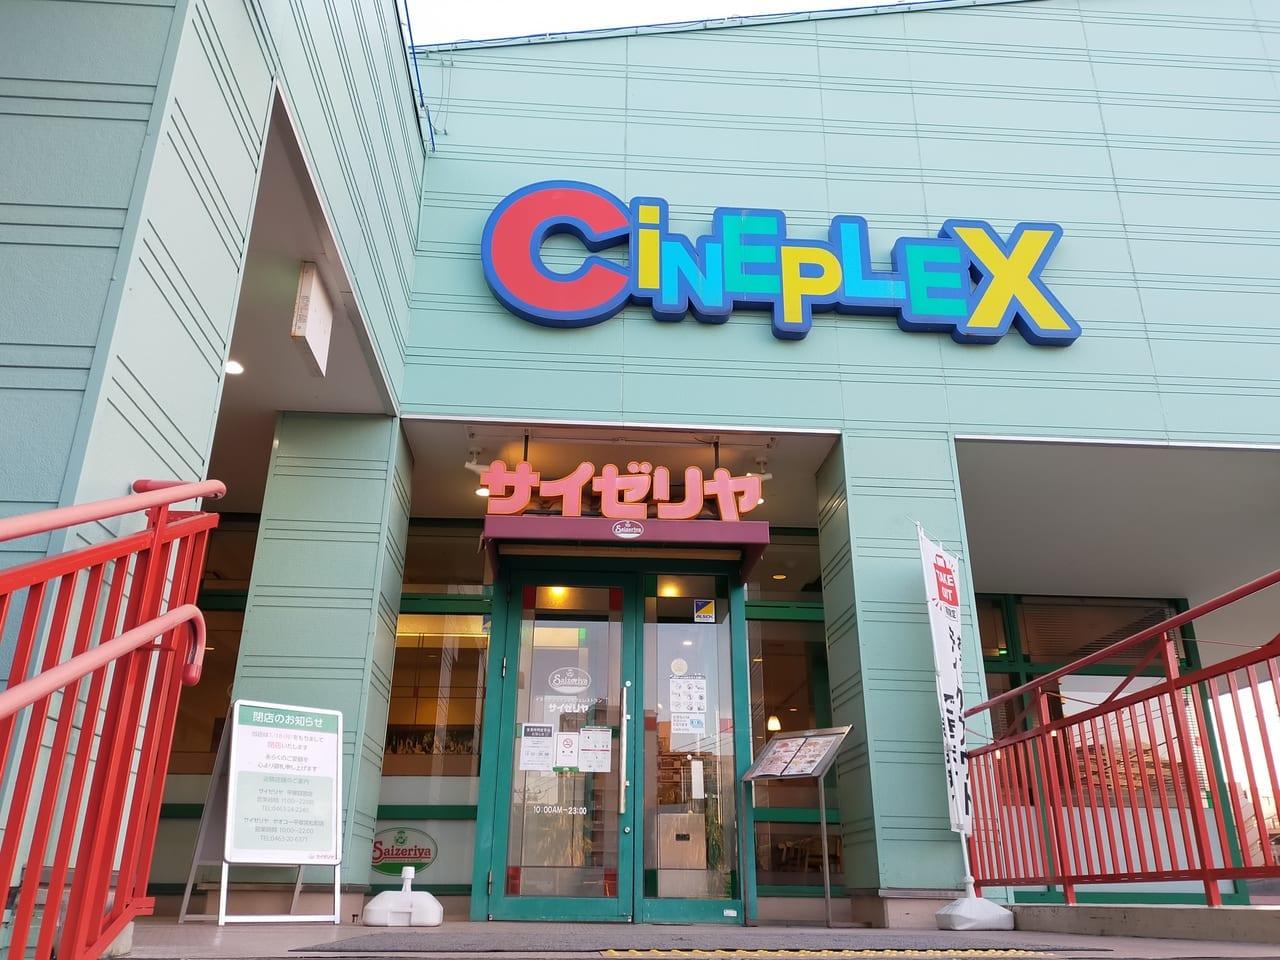 2020年11月の「鎌倉パスタ OSC湘南シティ店」に続き、「サイゼリヤ OSC湘南シティ店」が2021年1月18日(月)の営業を最後に閉店